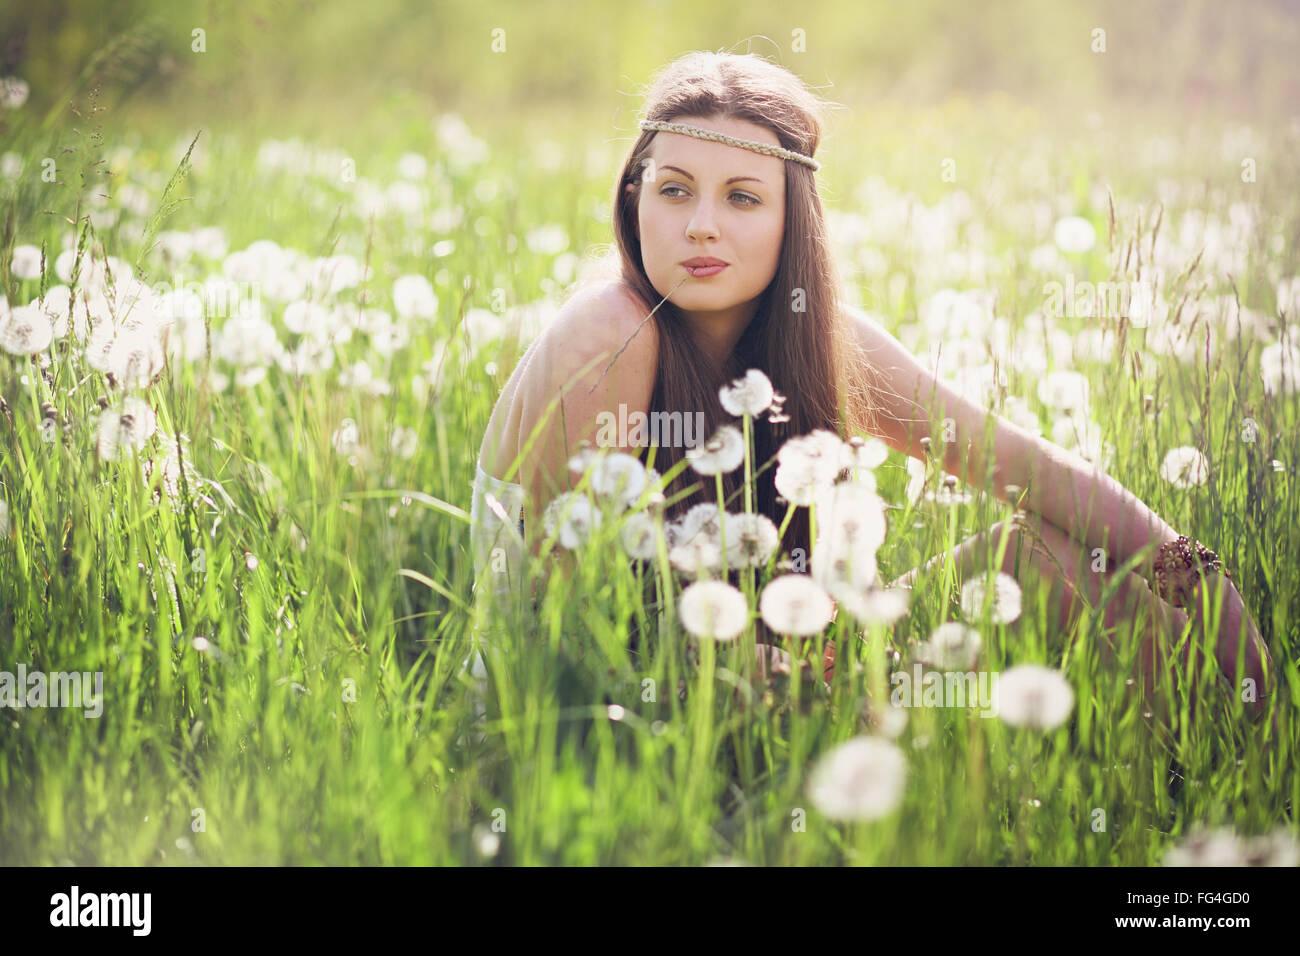 Belle femme avec l'expression sans soucis . L'harmonie de la Nature Photo Stock